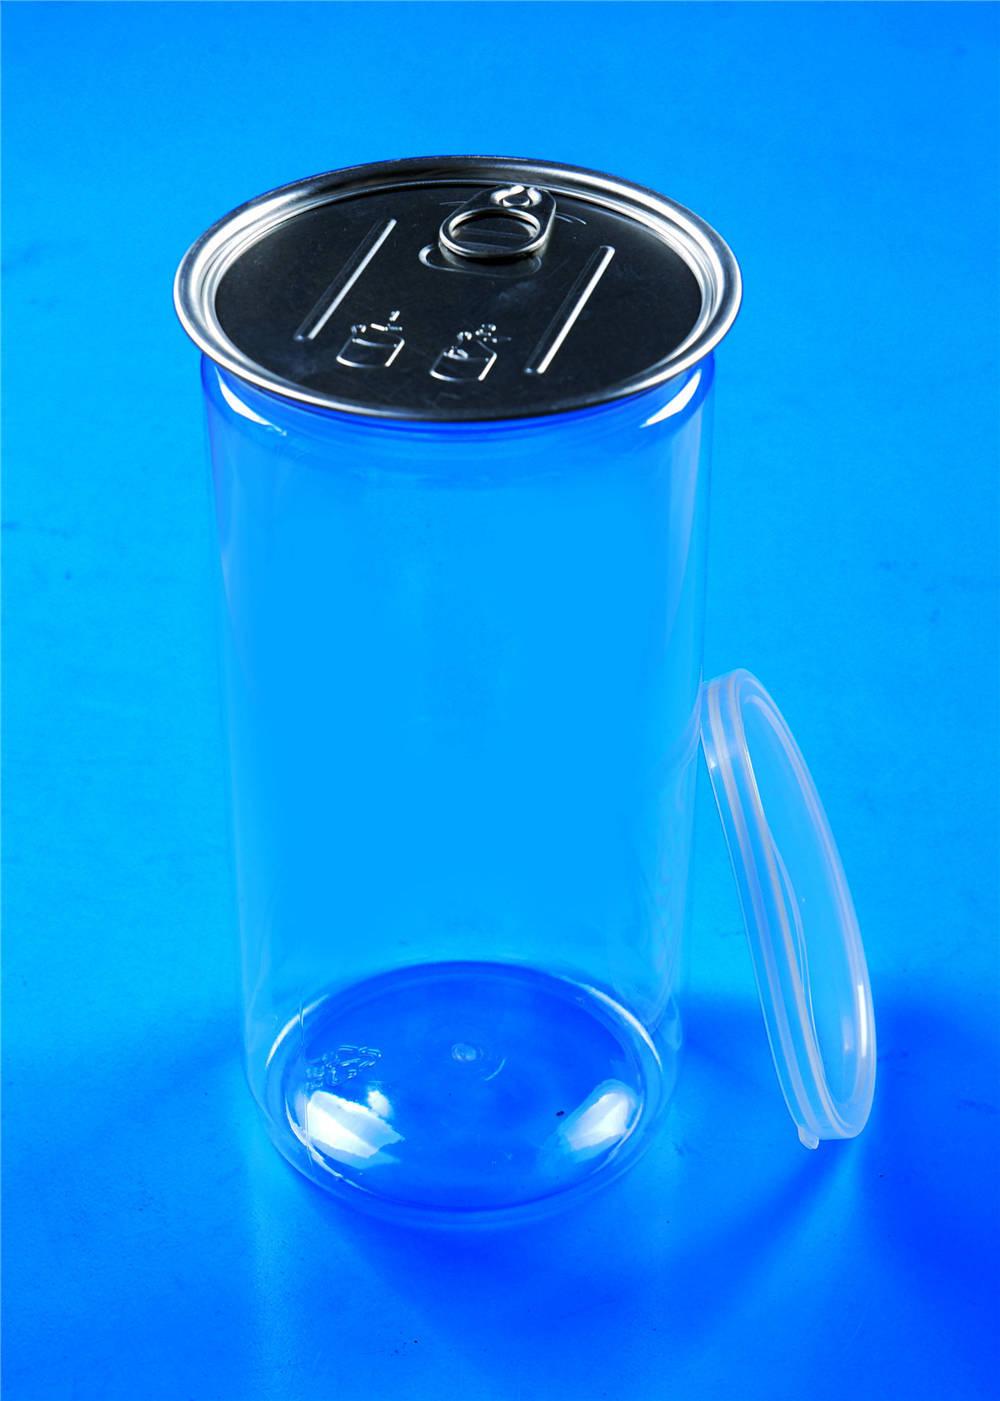 【图片】塑料易拉罐的性能介绍 保健瓶的功能